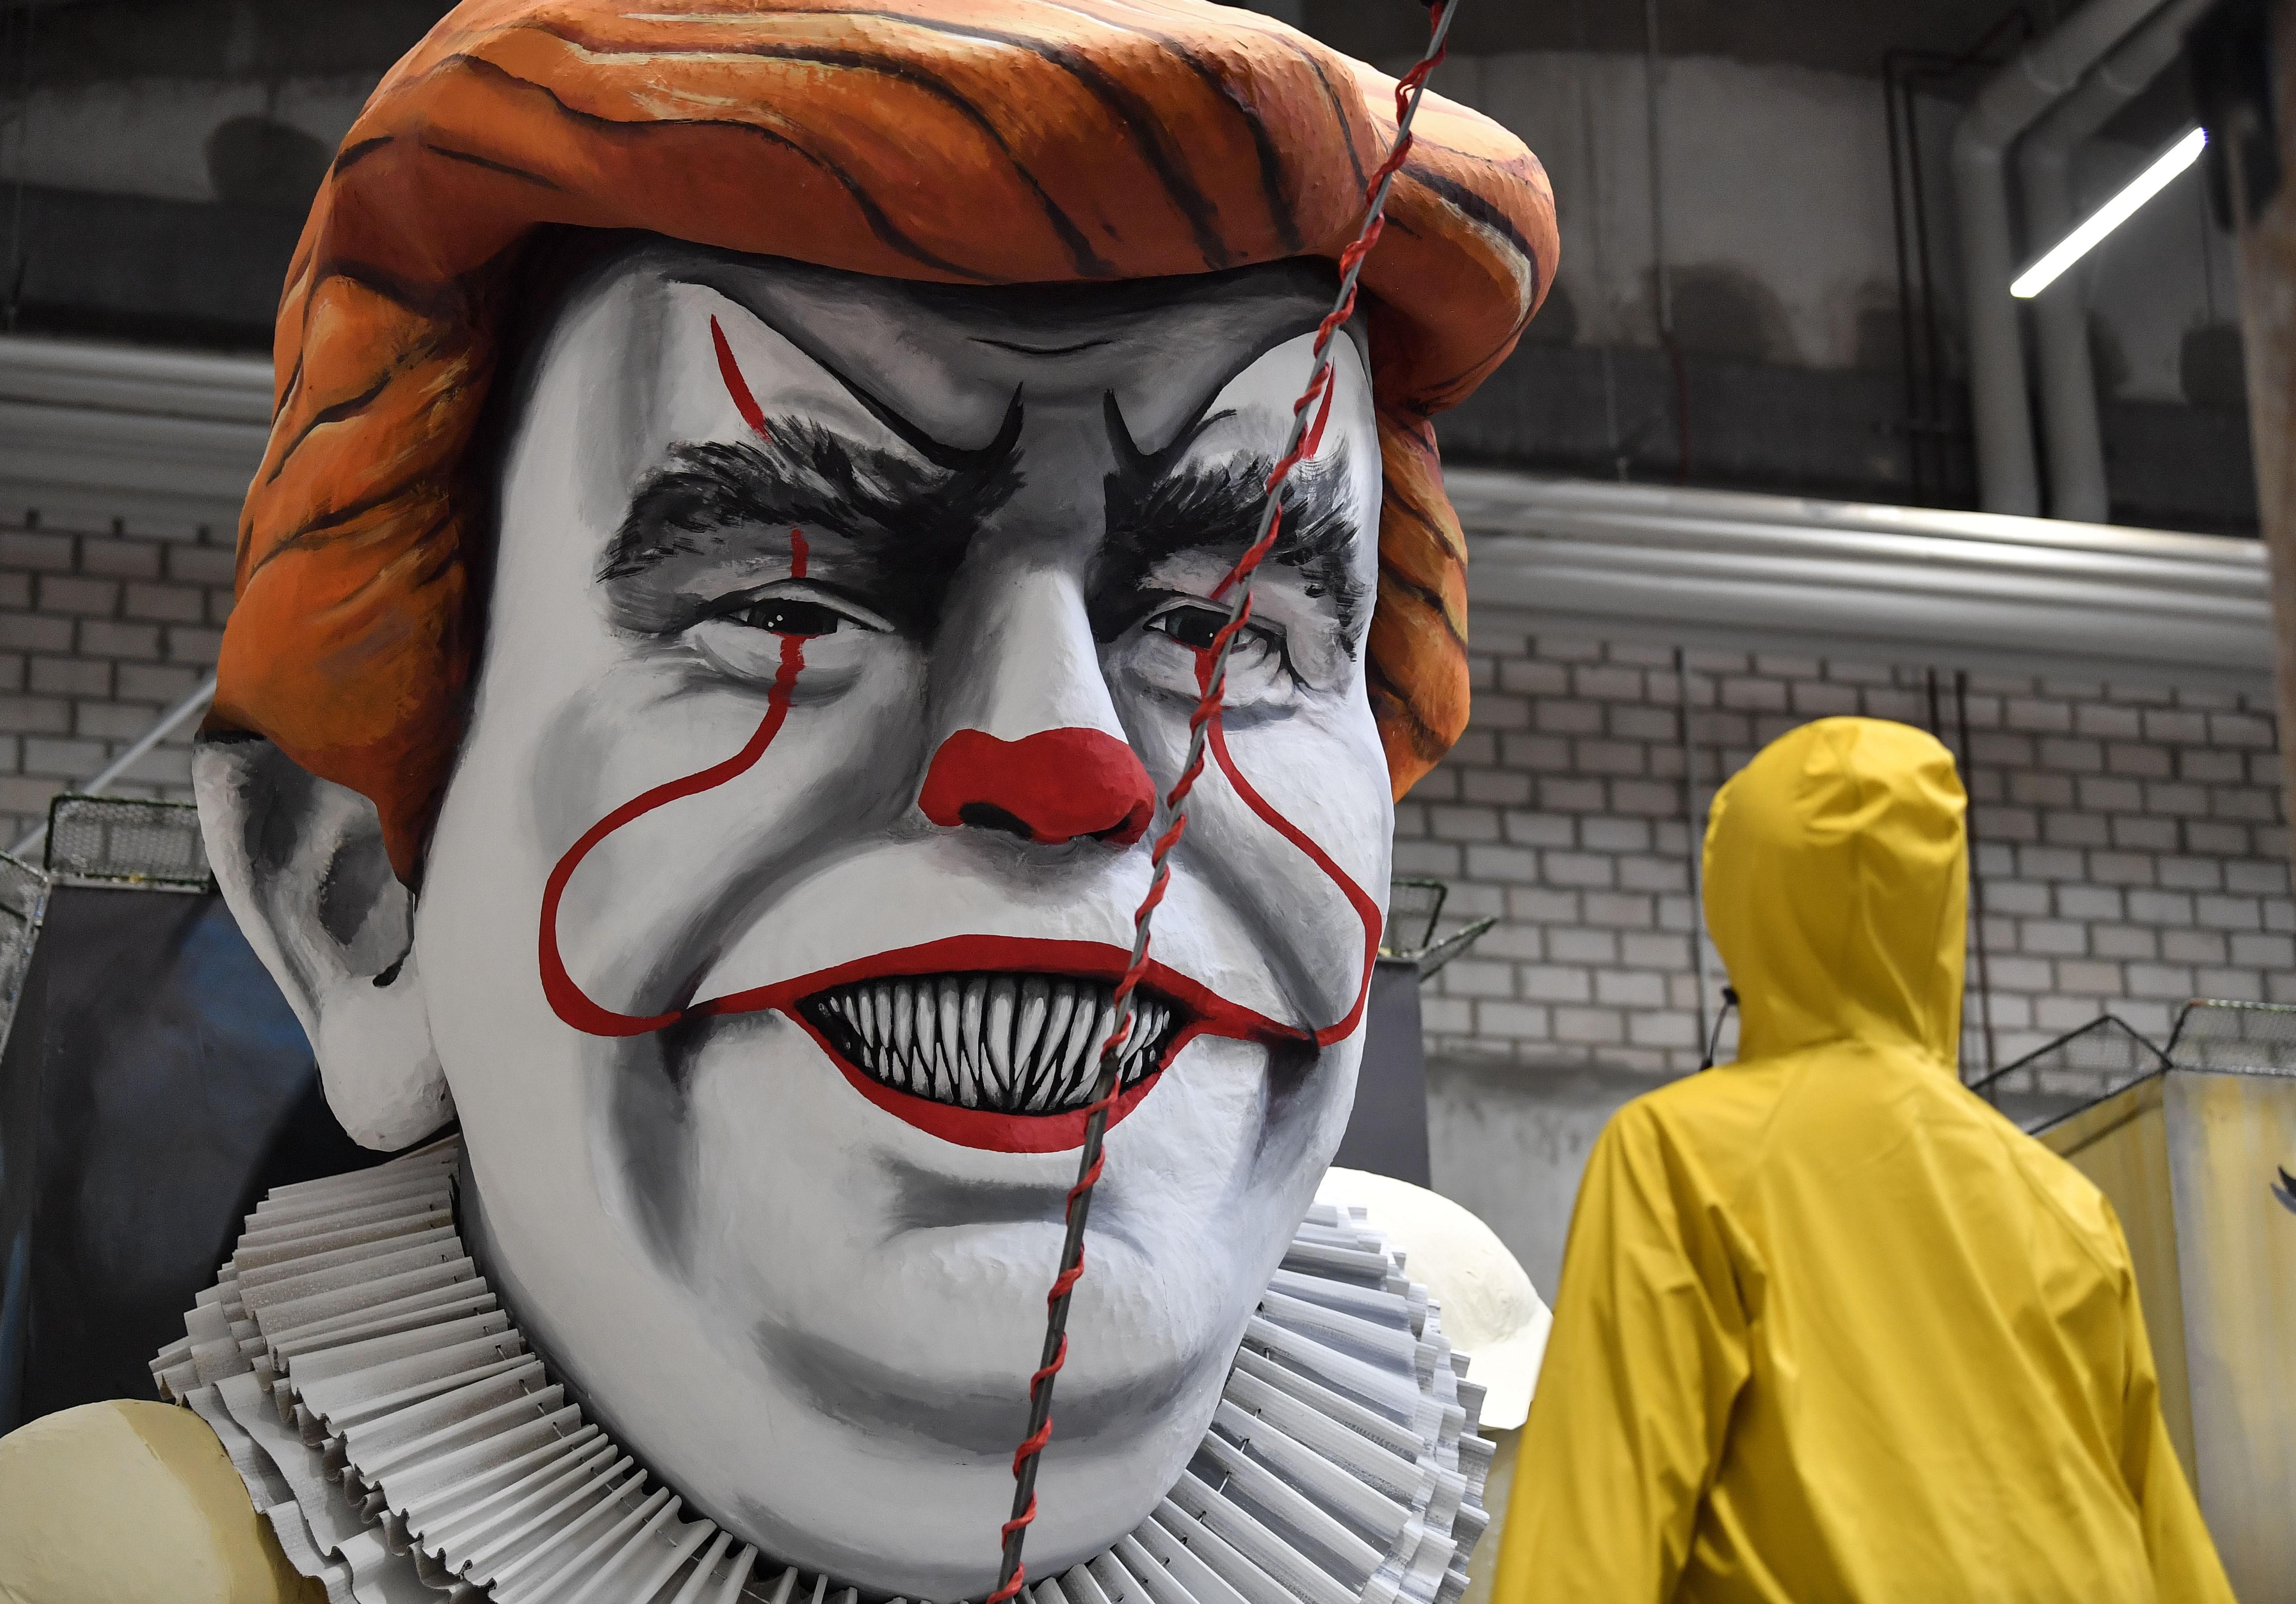 Líderes mundiais viram bonecos gigantes em carnaval alemão; veja fotos